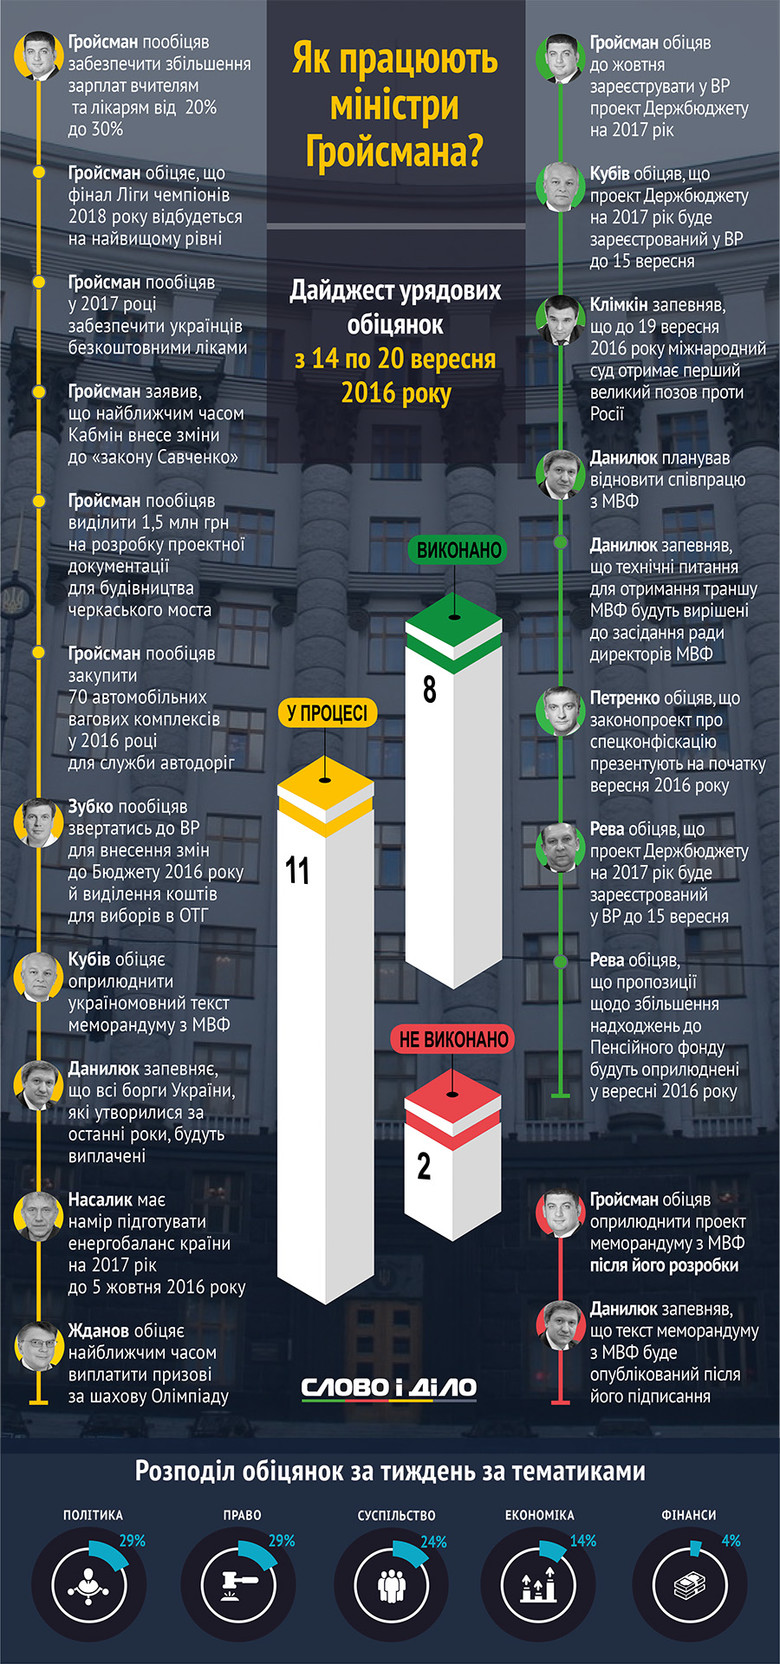 Члени Кабінету міністрів України протягом тижня – з 14 до 20 вересня – виконали 8 своїх обіцянок, проваливши при цьому дві.